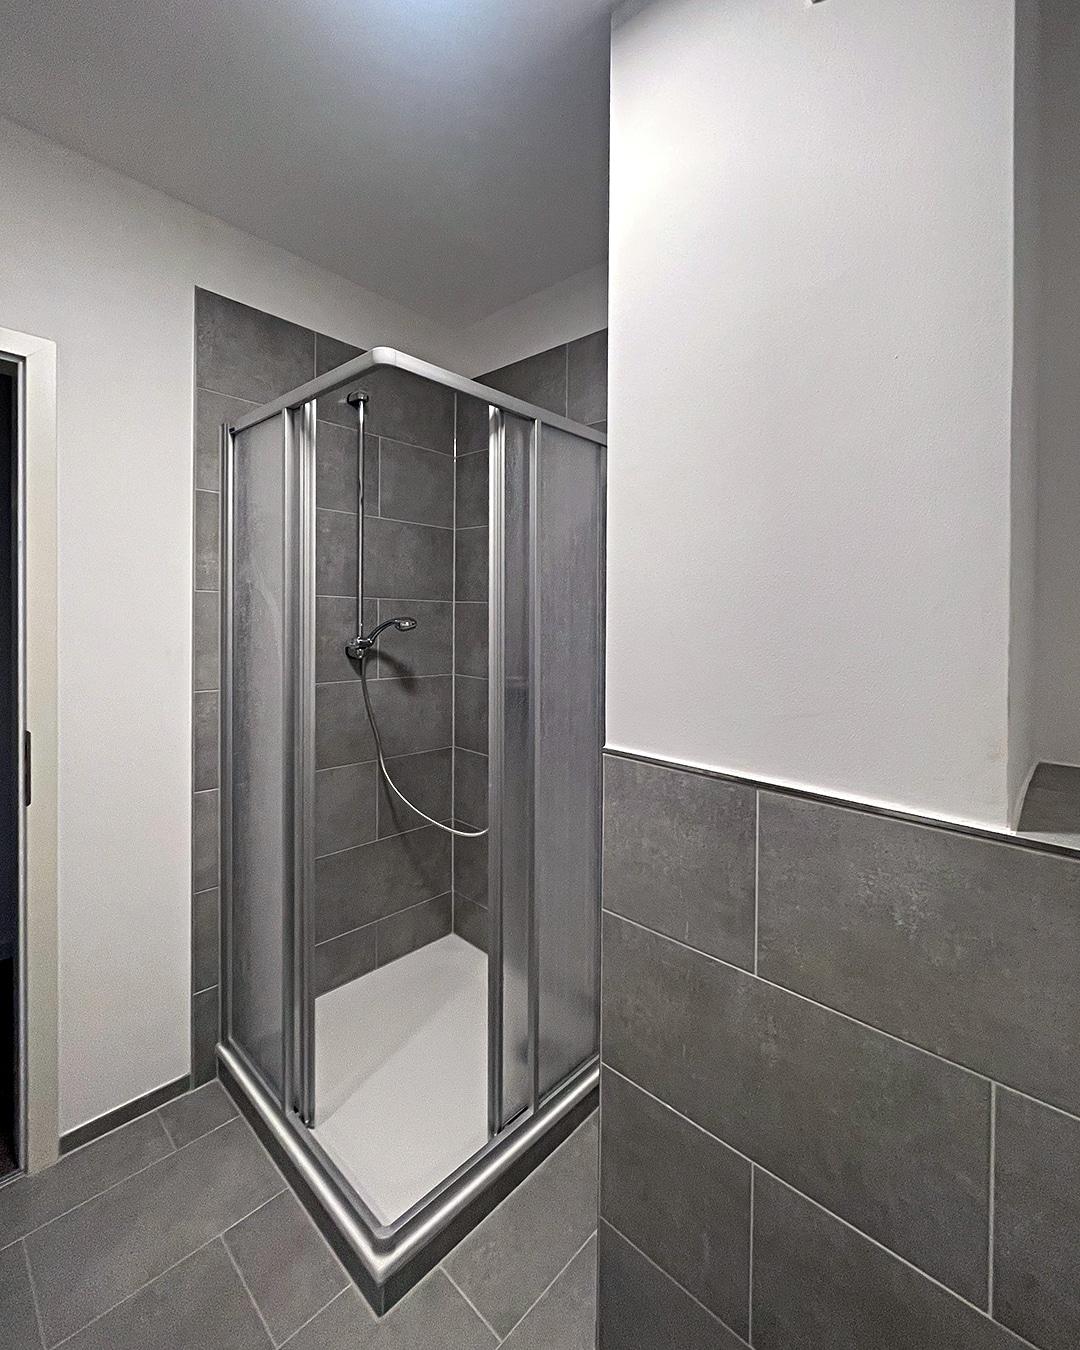 Bad 03, Architekturbüro Köln, Immobilie: Aufstockung + Innenausbau Mehrfamilienhaus